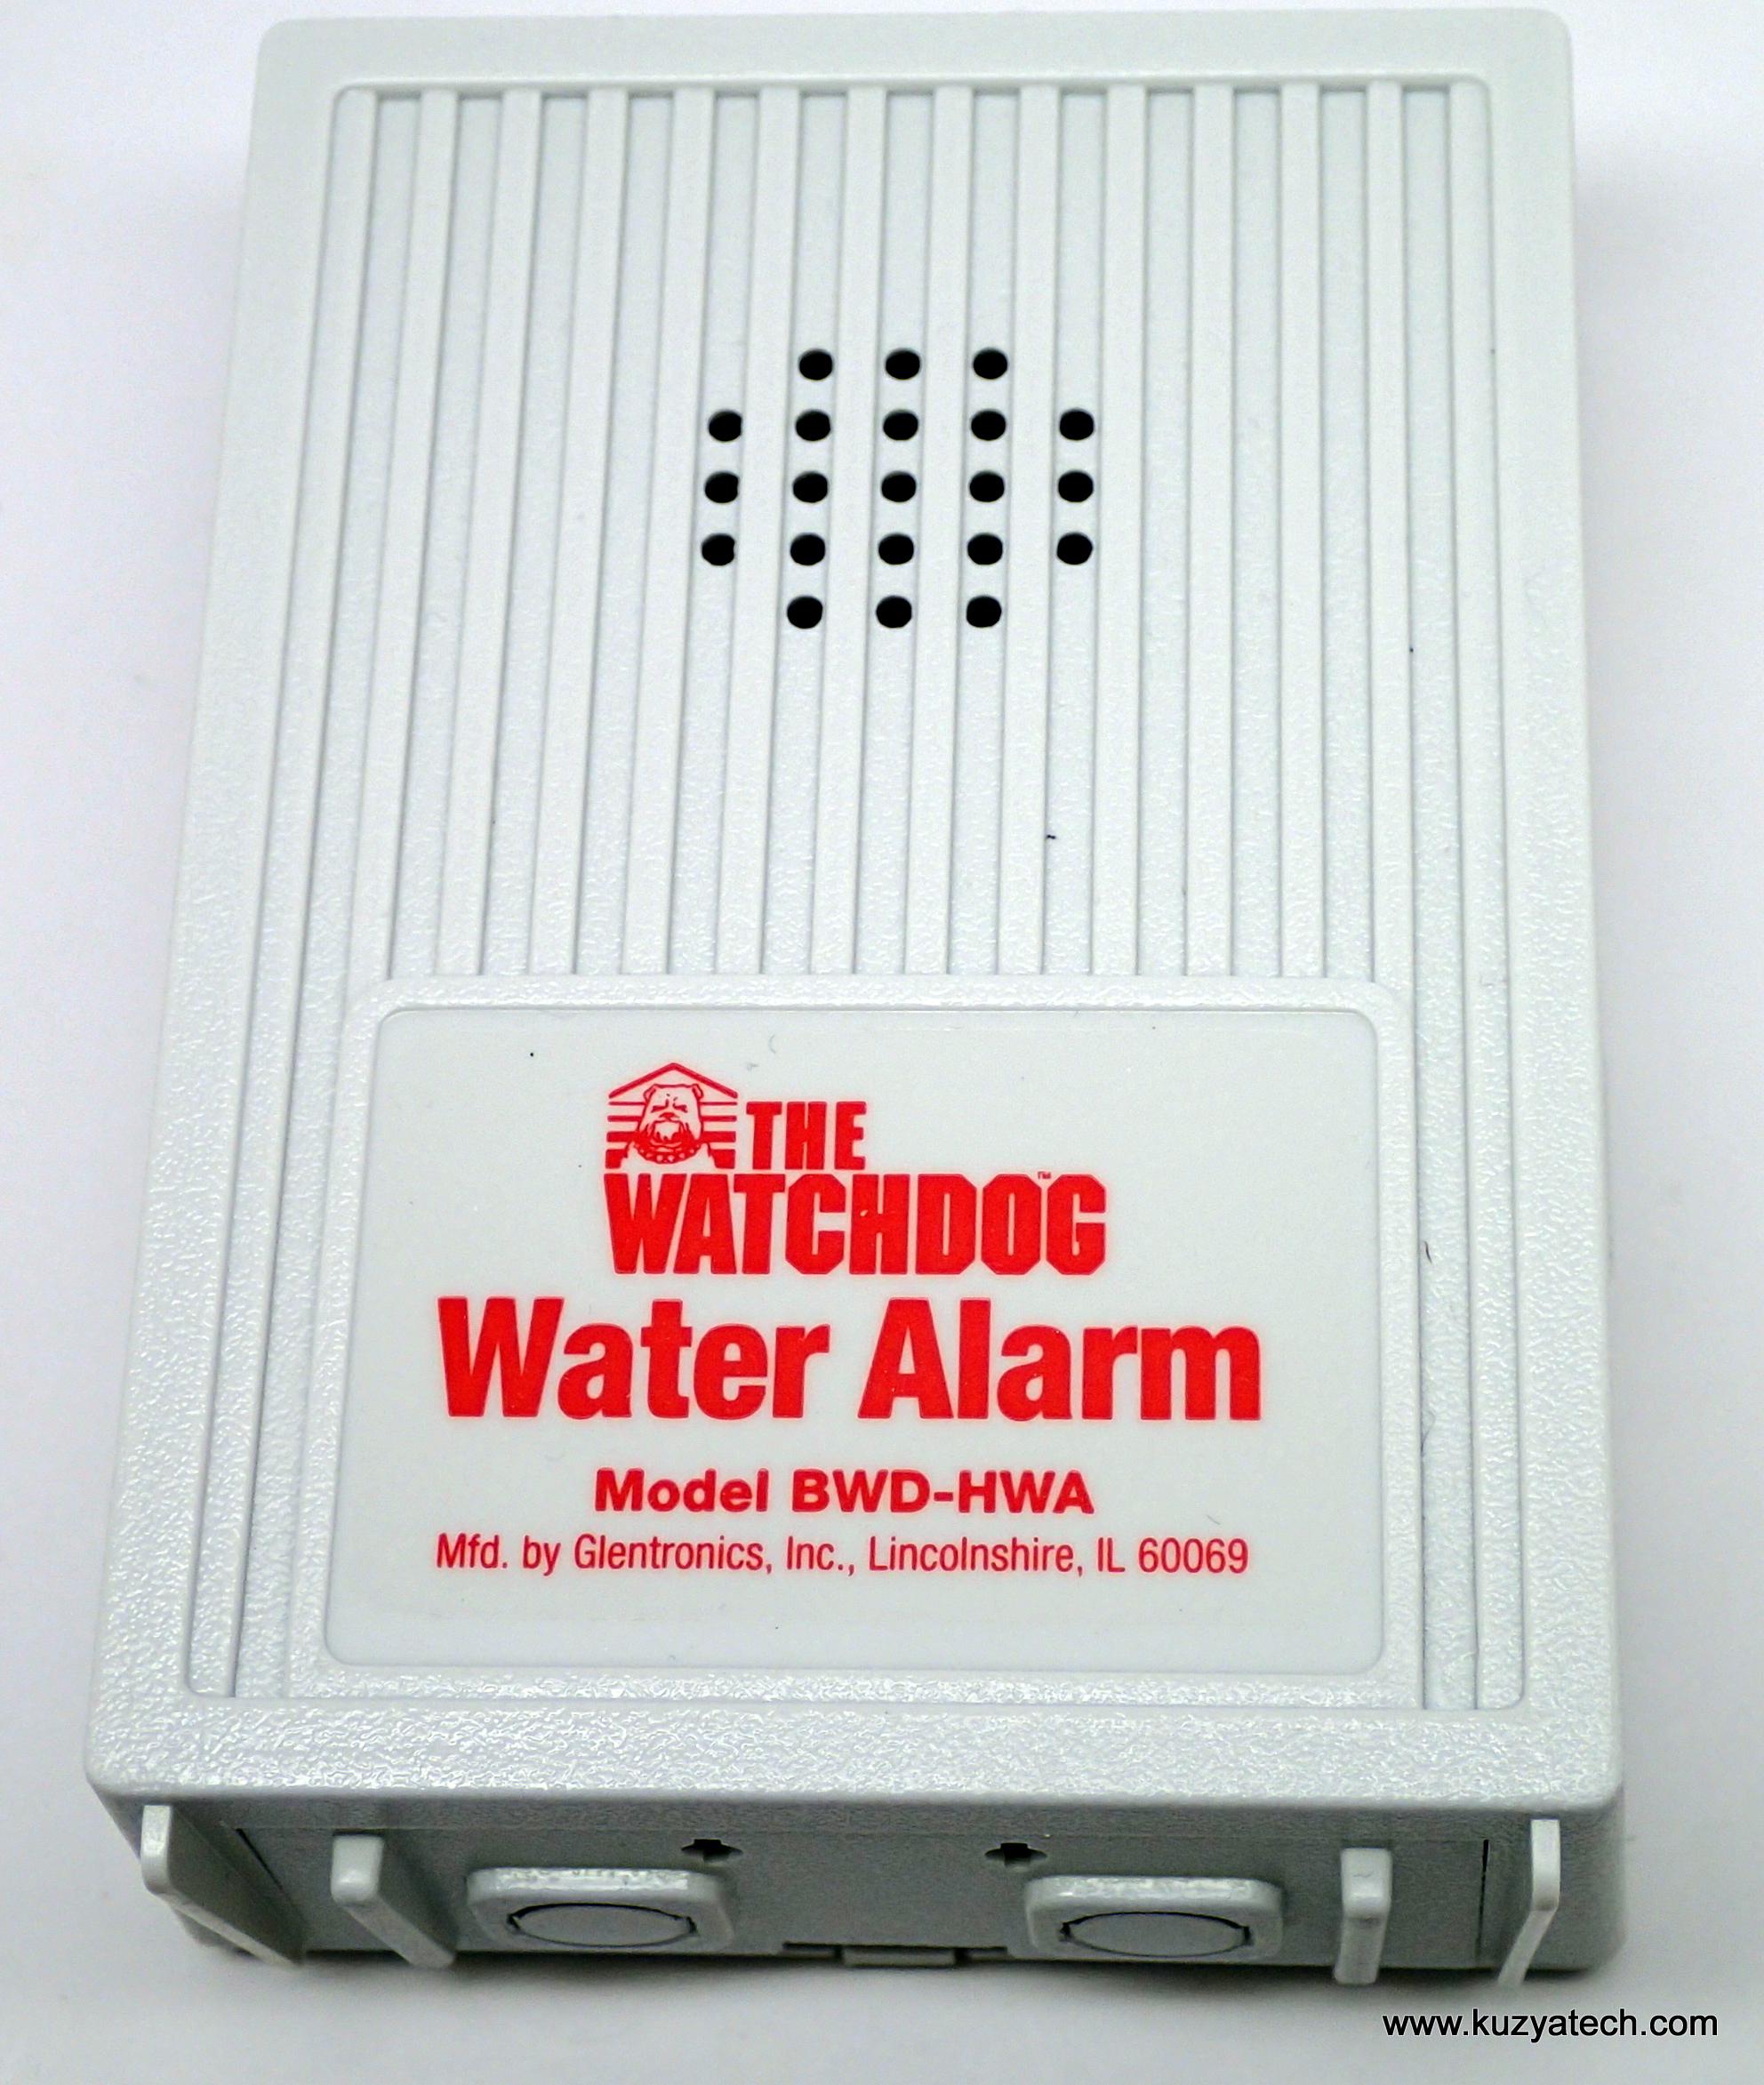 Water Alarm RadioShack